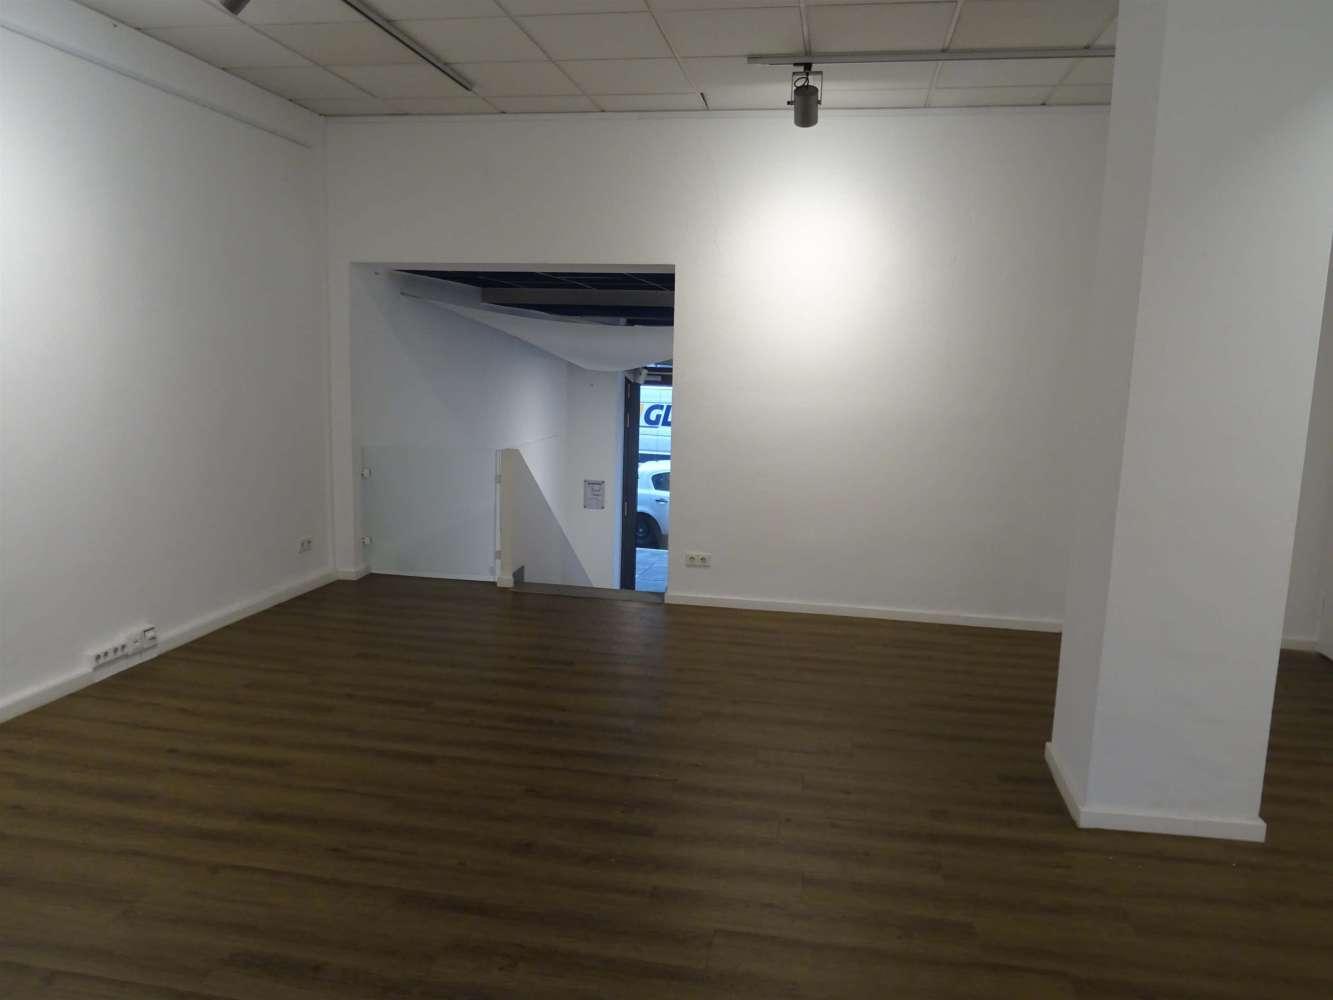 Büros Frankfurt am main, 60329 - Büro - Frankfurt am Main, Innenstadt - F0727 - 9853291